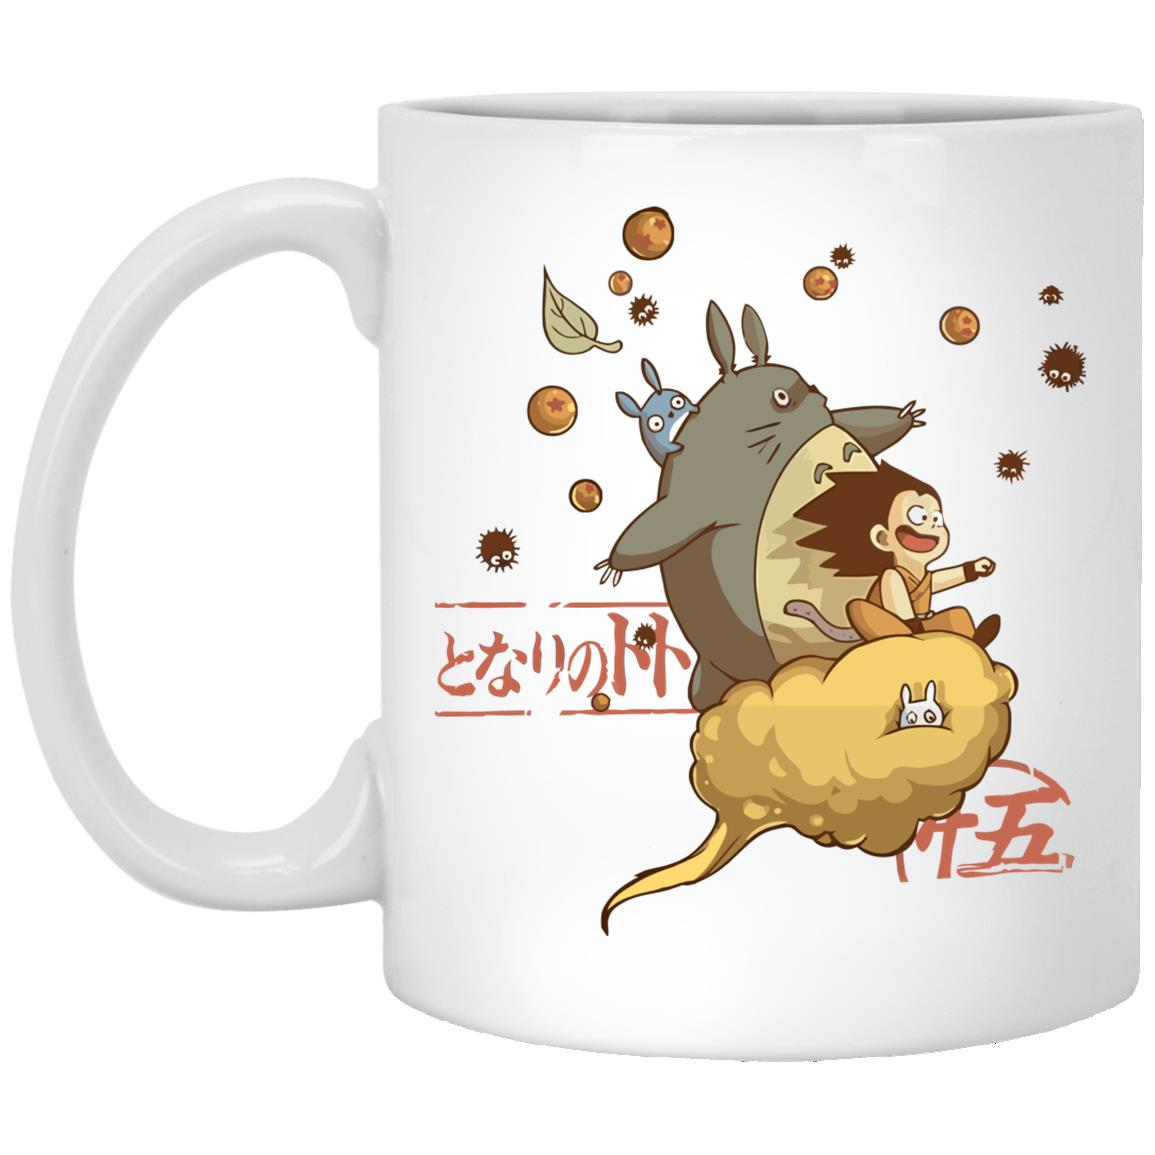 Totoro and Son Goku Mug